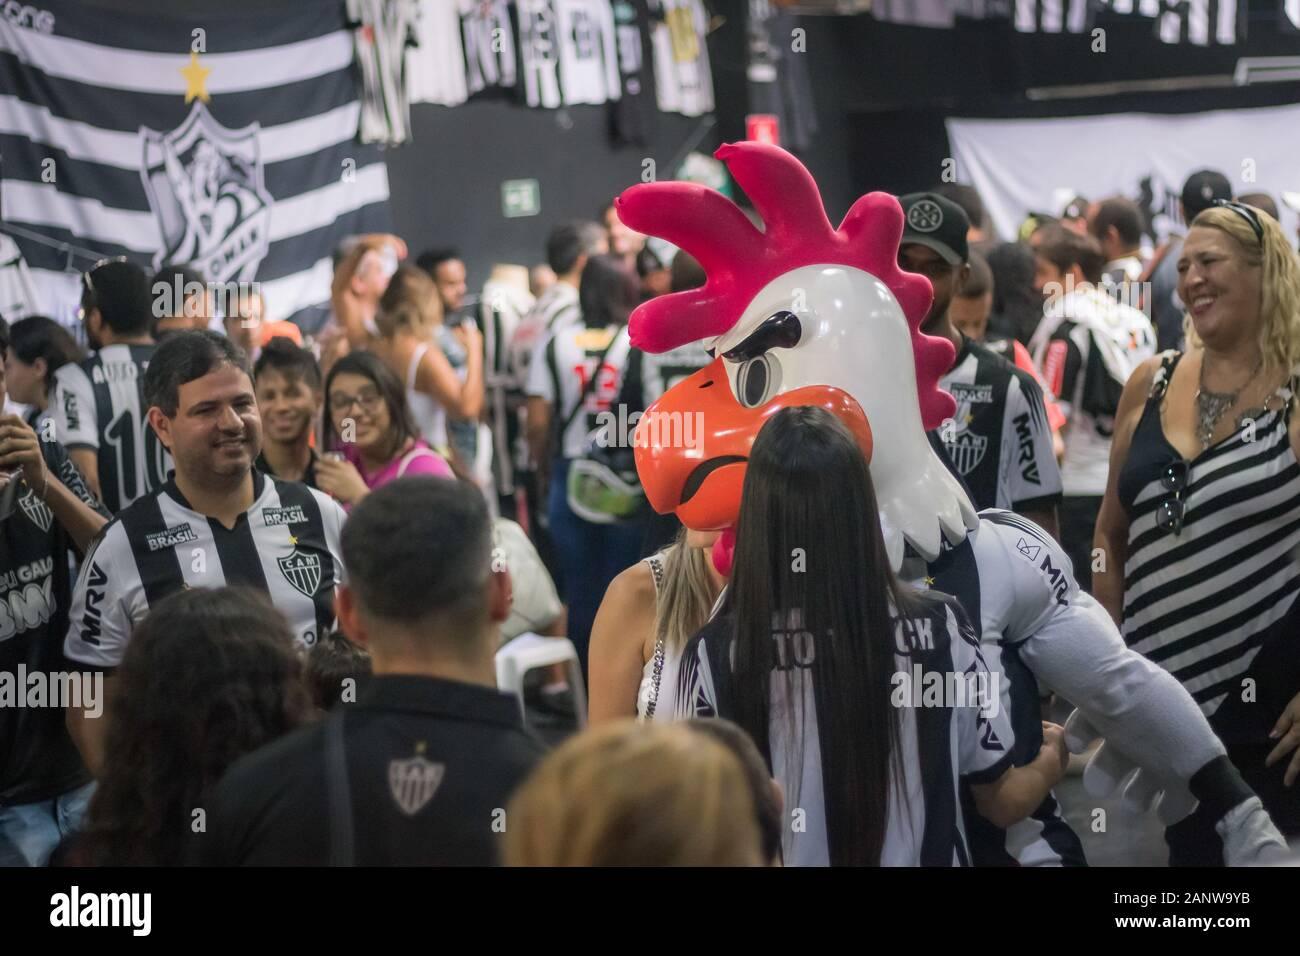 BELO HORIZONTE, MG - 19.01.2020: COLECIONADORES DE CAMISAS ¿ATLÉTICO MG - Colectores reunión de Clube Atlético Mineiro camisetas en la barra Pulero en Belo Horizonte, MG, este domingo (19). (Foto: Gabriela Hanna/Fotoarena) Foto de stock